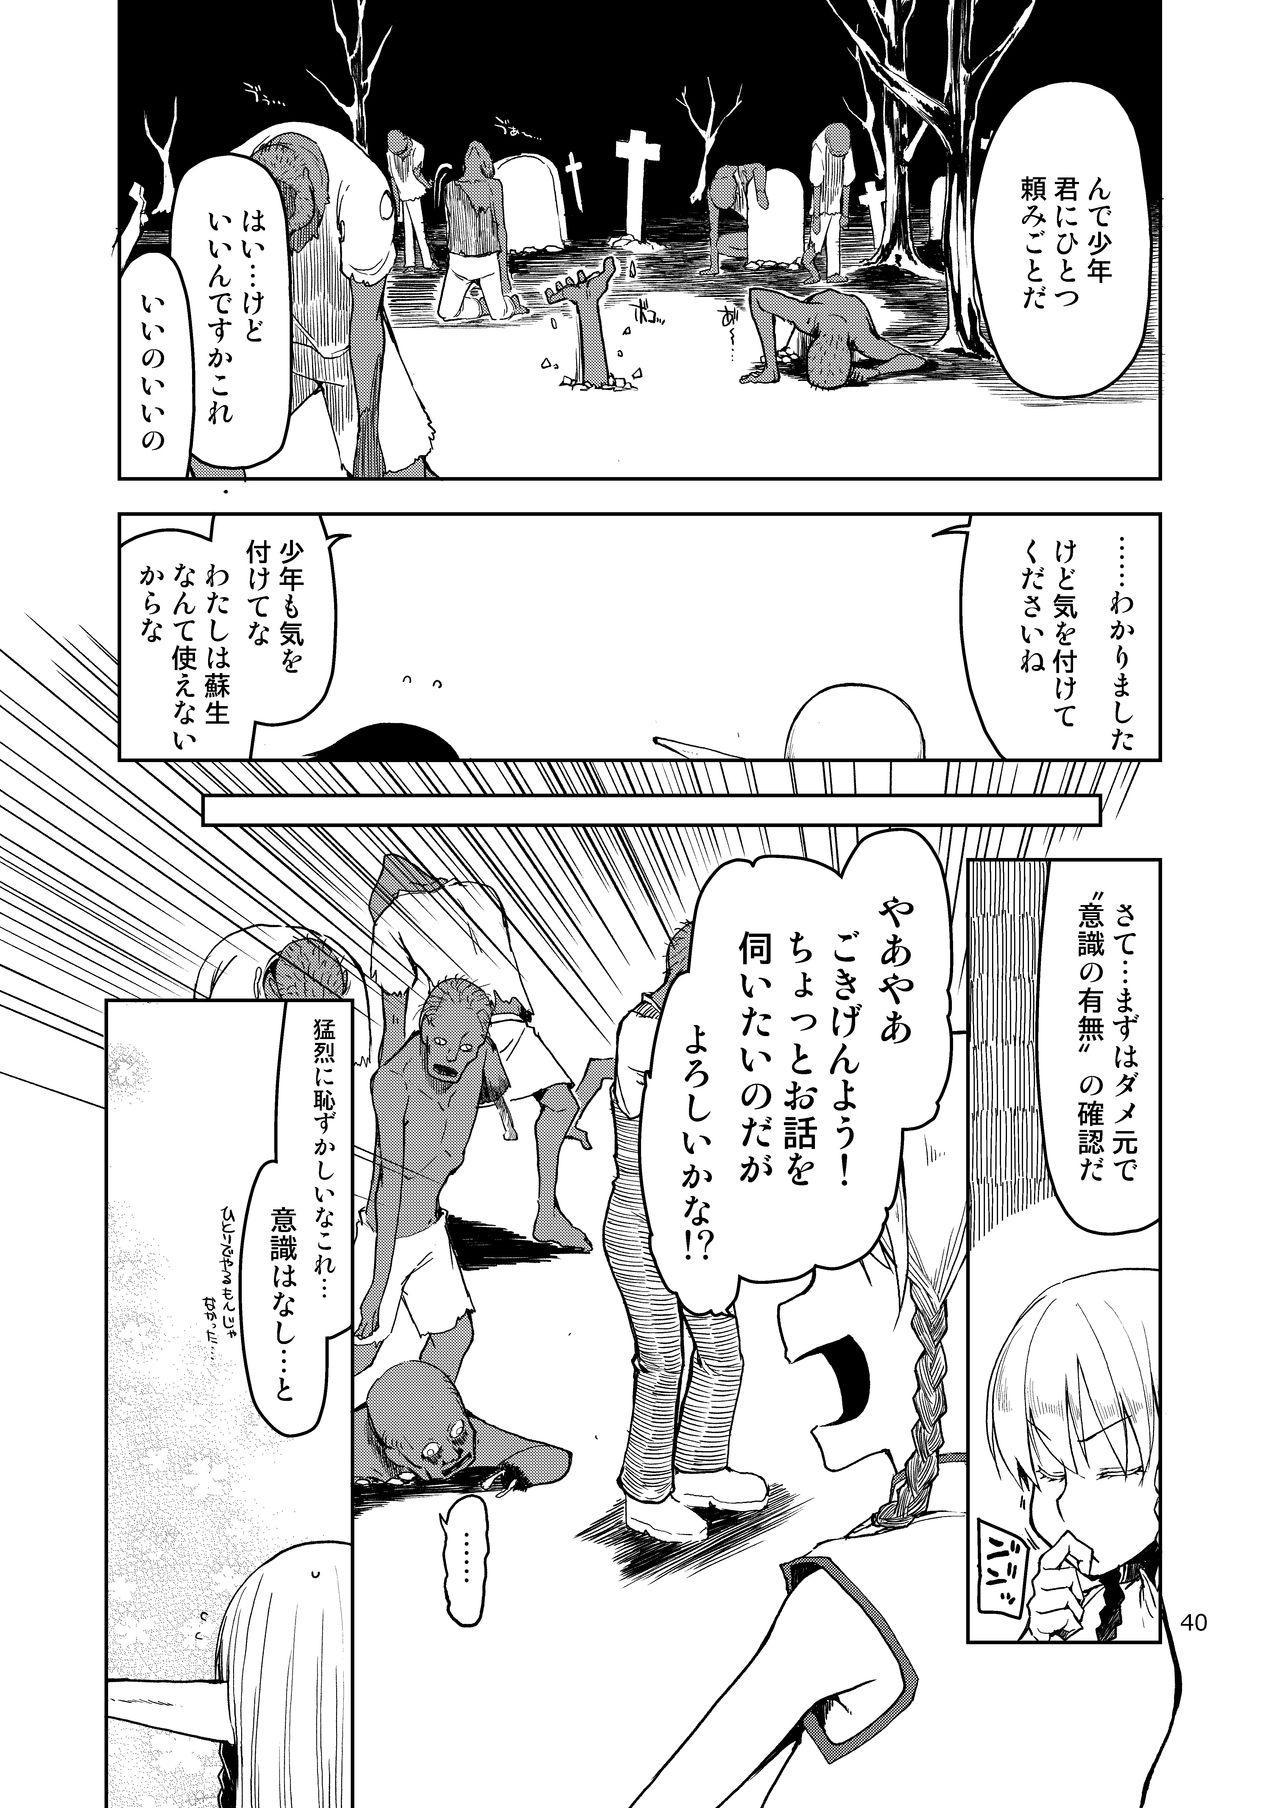 Dosukebe Elf no Ishukan Nikki Matome 2 40